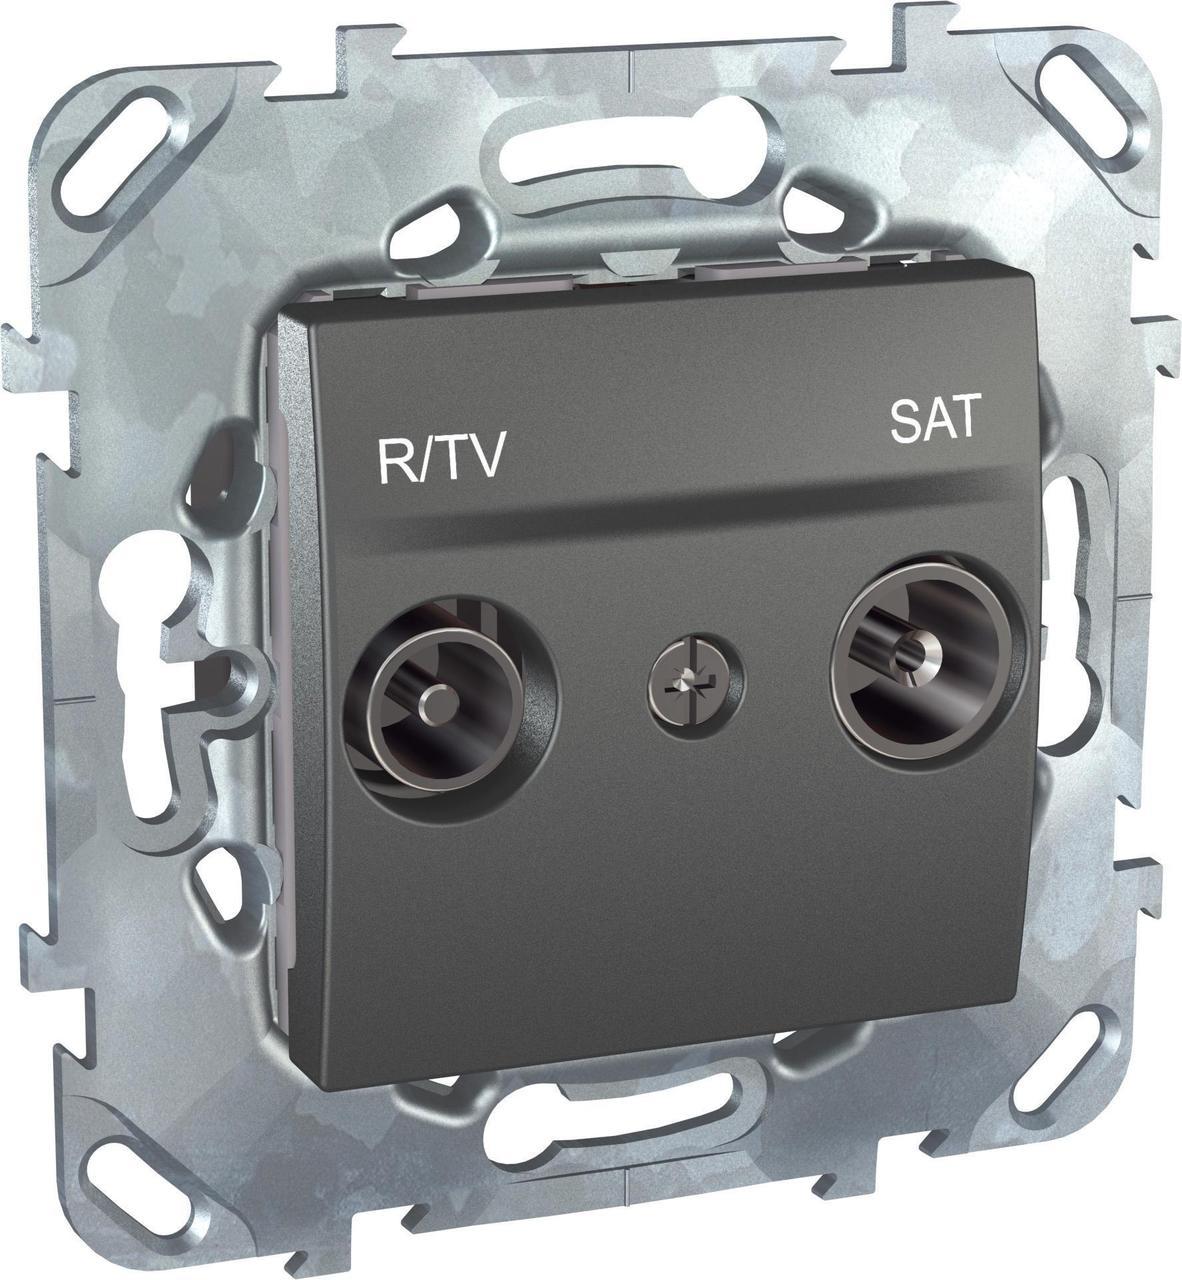 Розетка телевизионная оконечная ТV-FМ-SАТ , Графит, серия UNICA TOP/CLASS, Schneider Electric